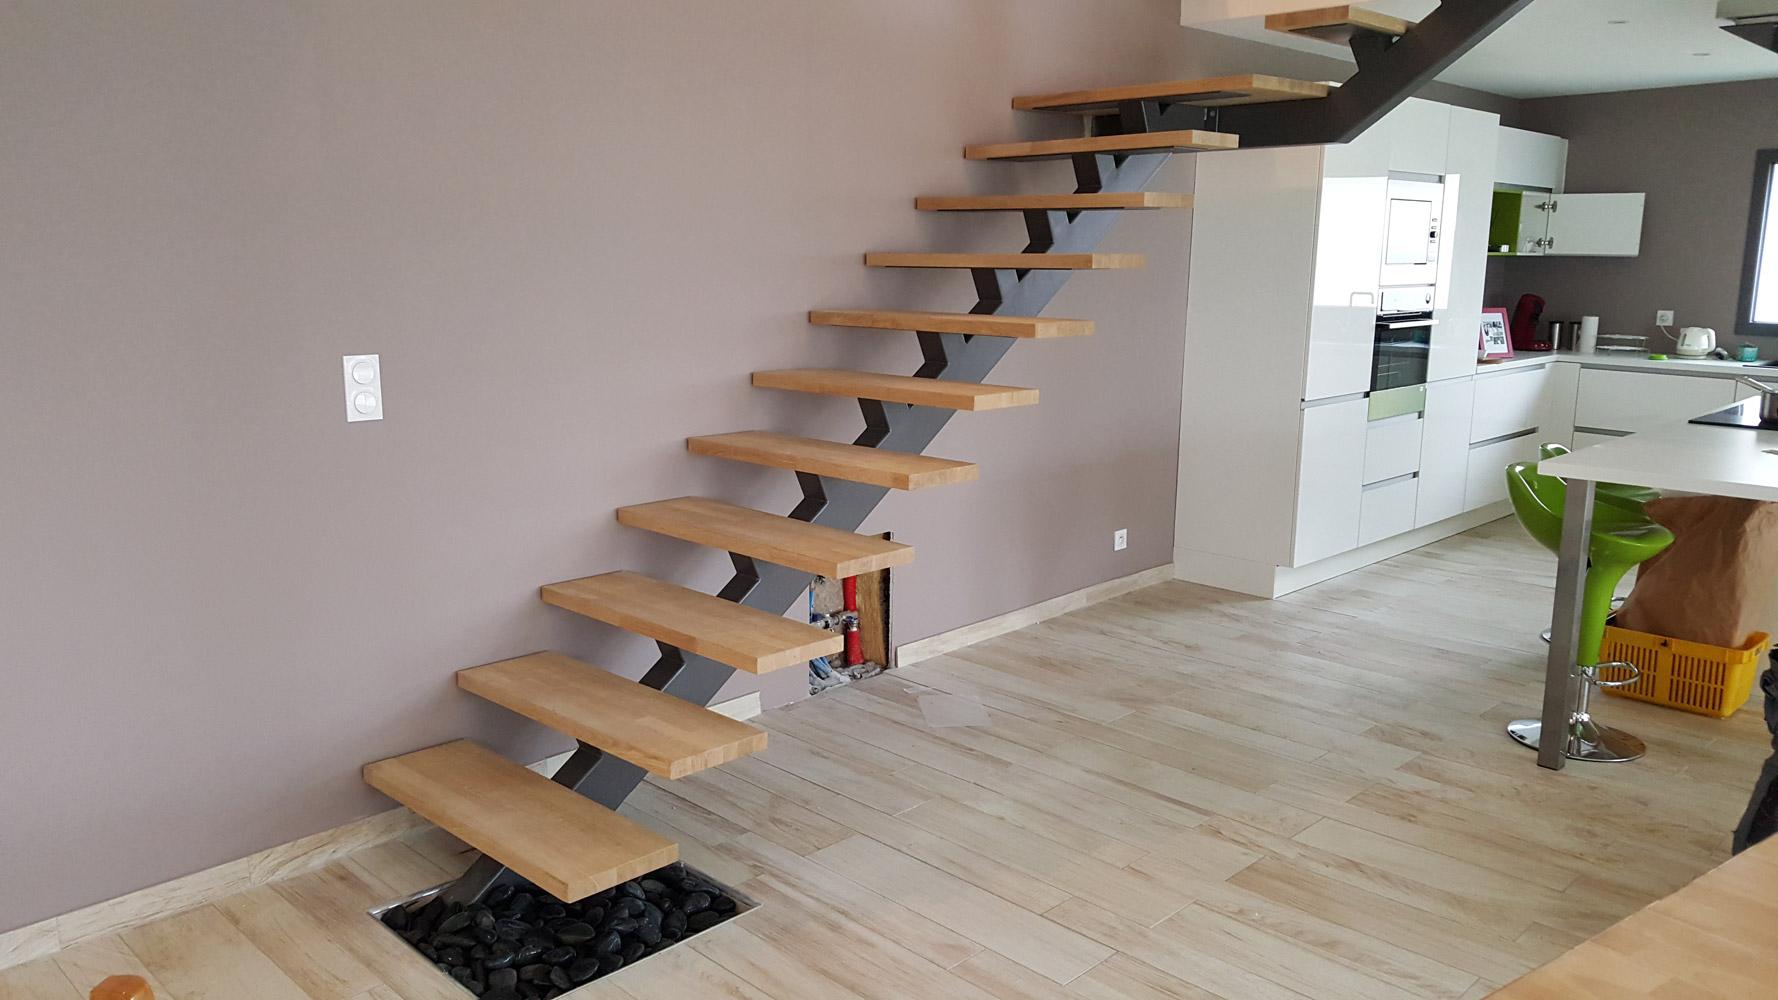 Metalinov, métallerie et serrurerie en Haute-Savoie escaliers ...